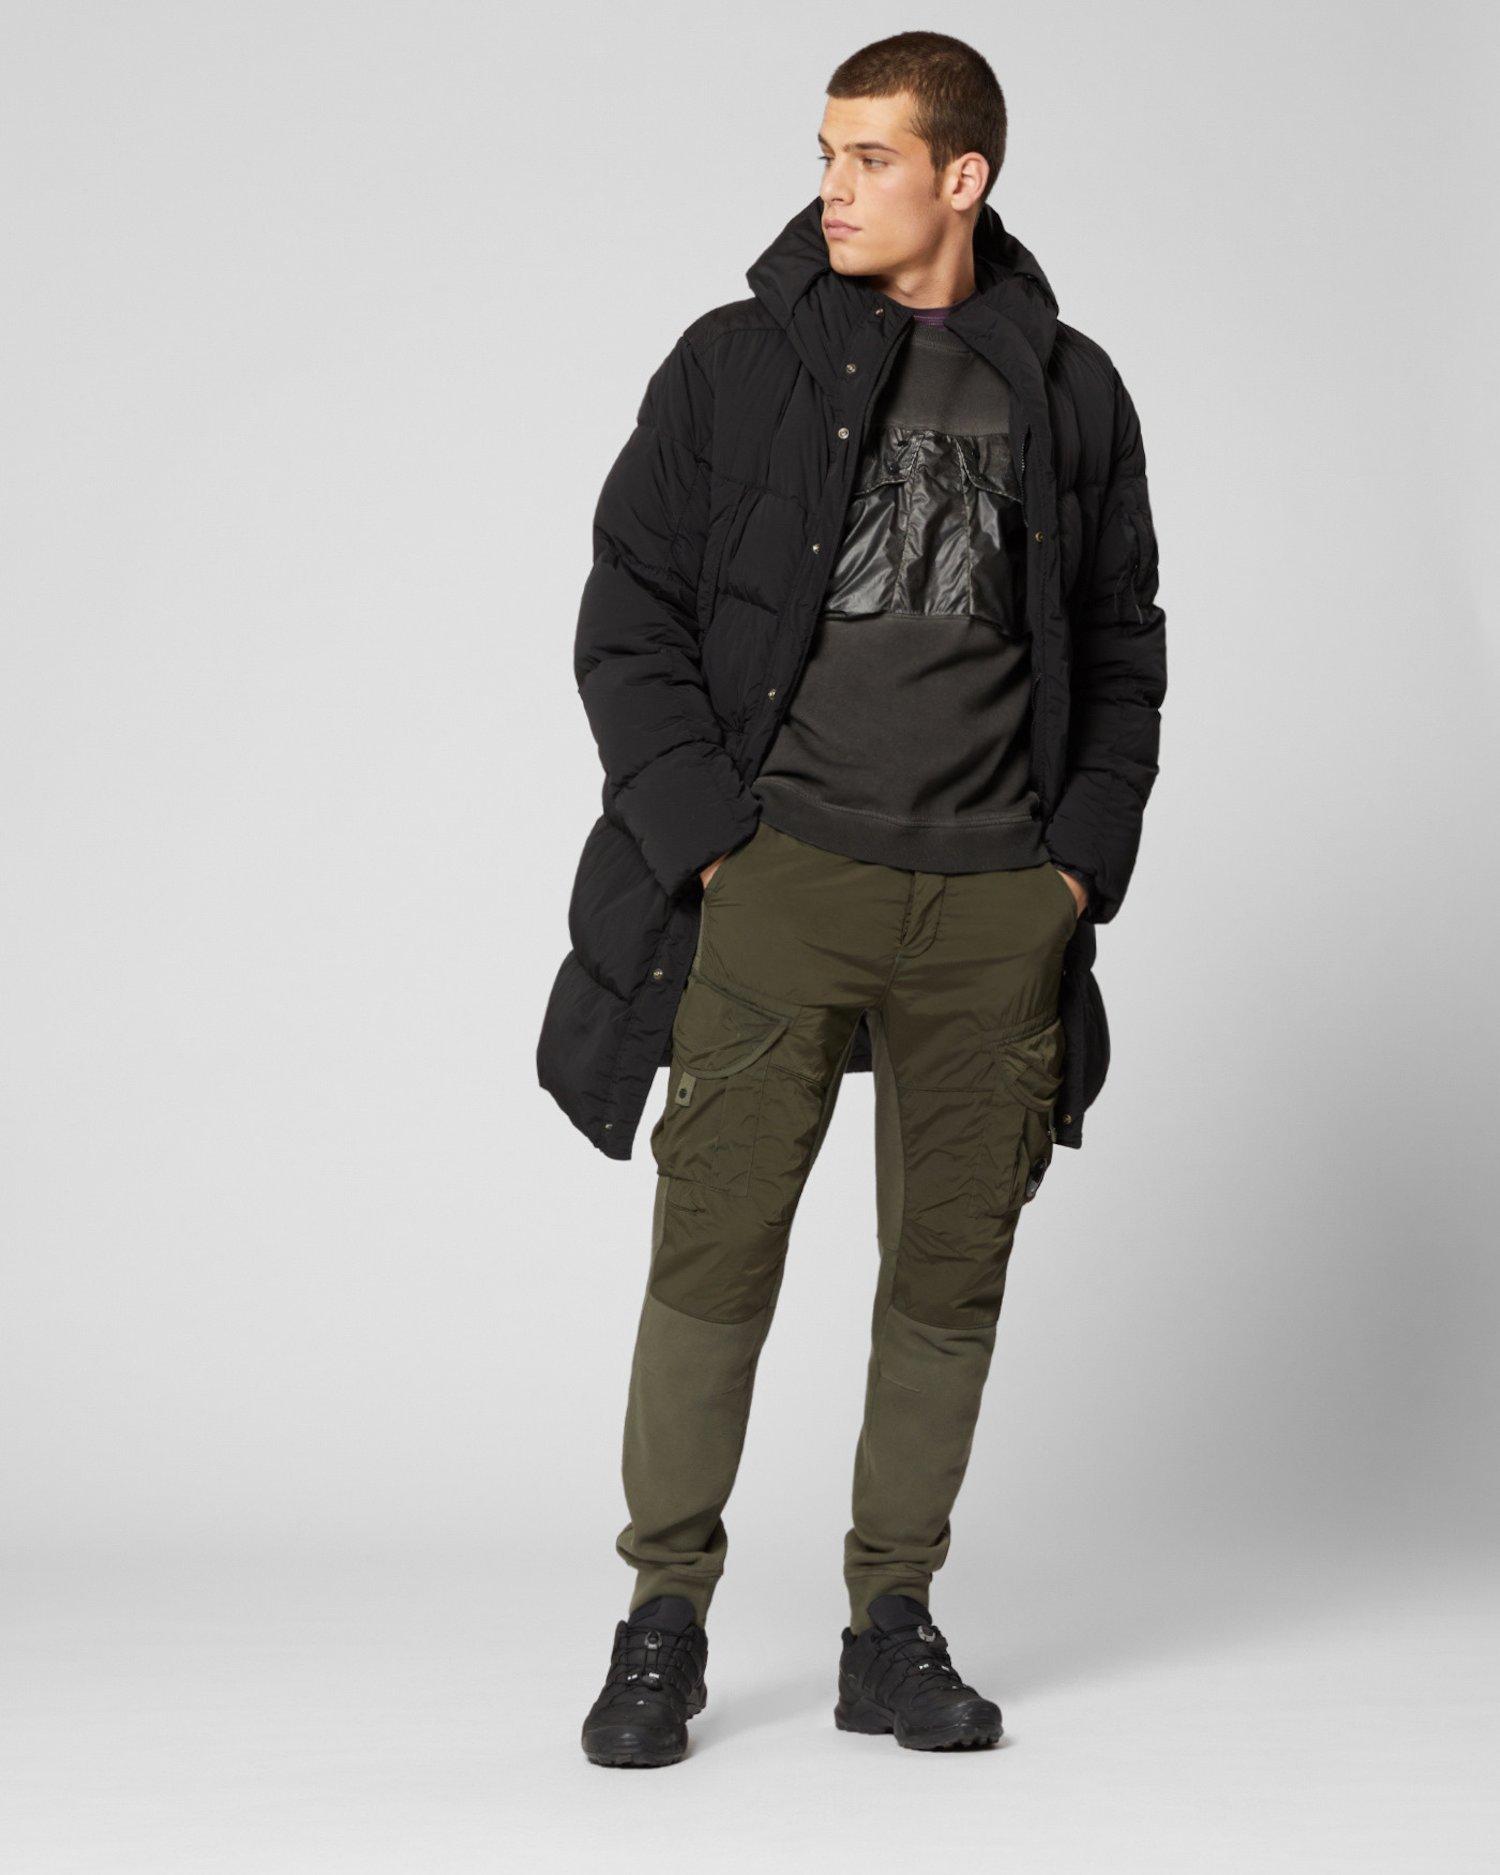 Окрашенный в готовом виде свитер из резины и хлопчатобумажного флиса с эффектом старения